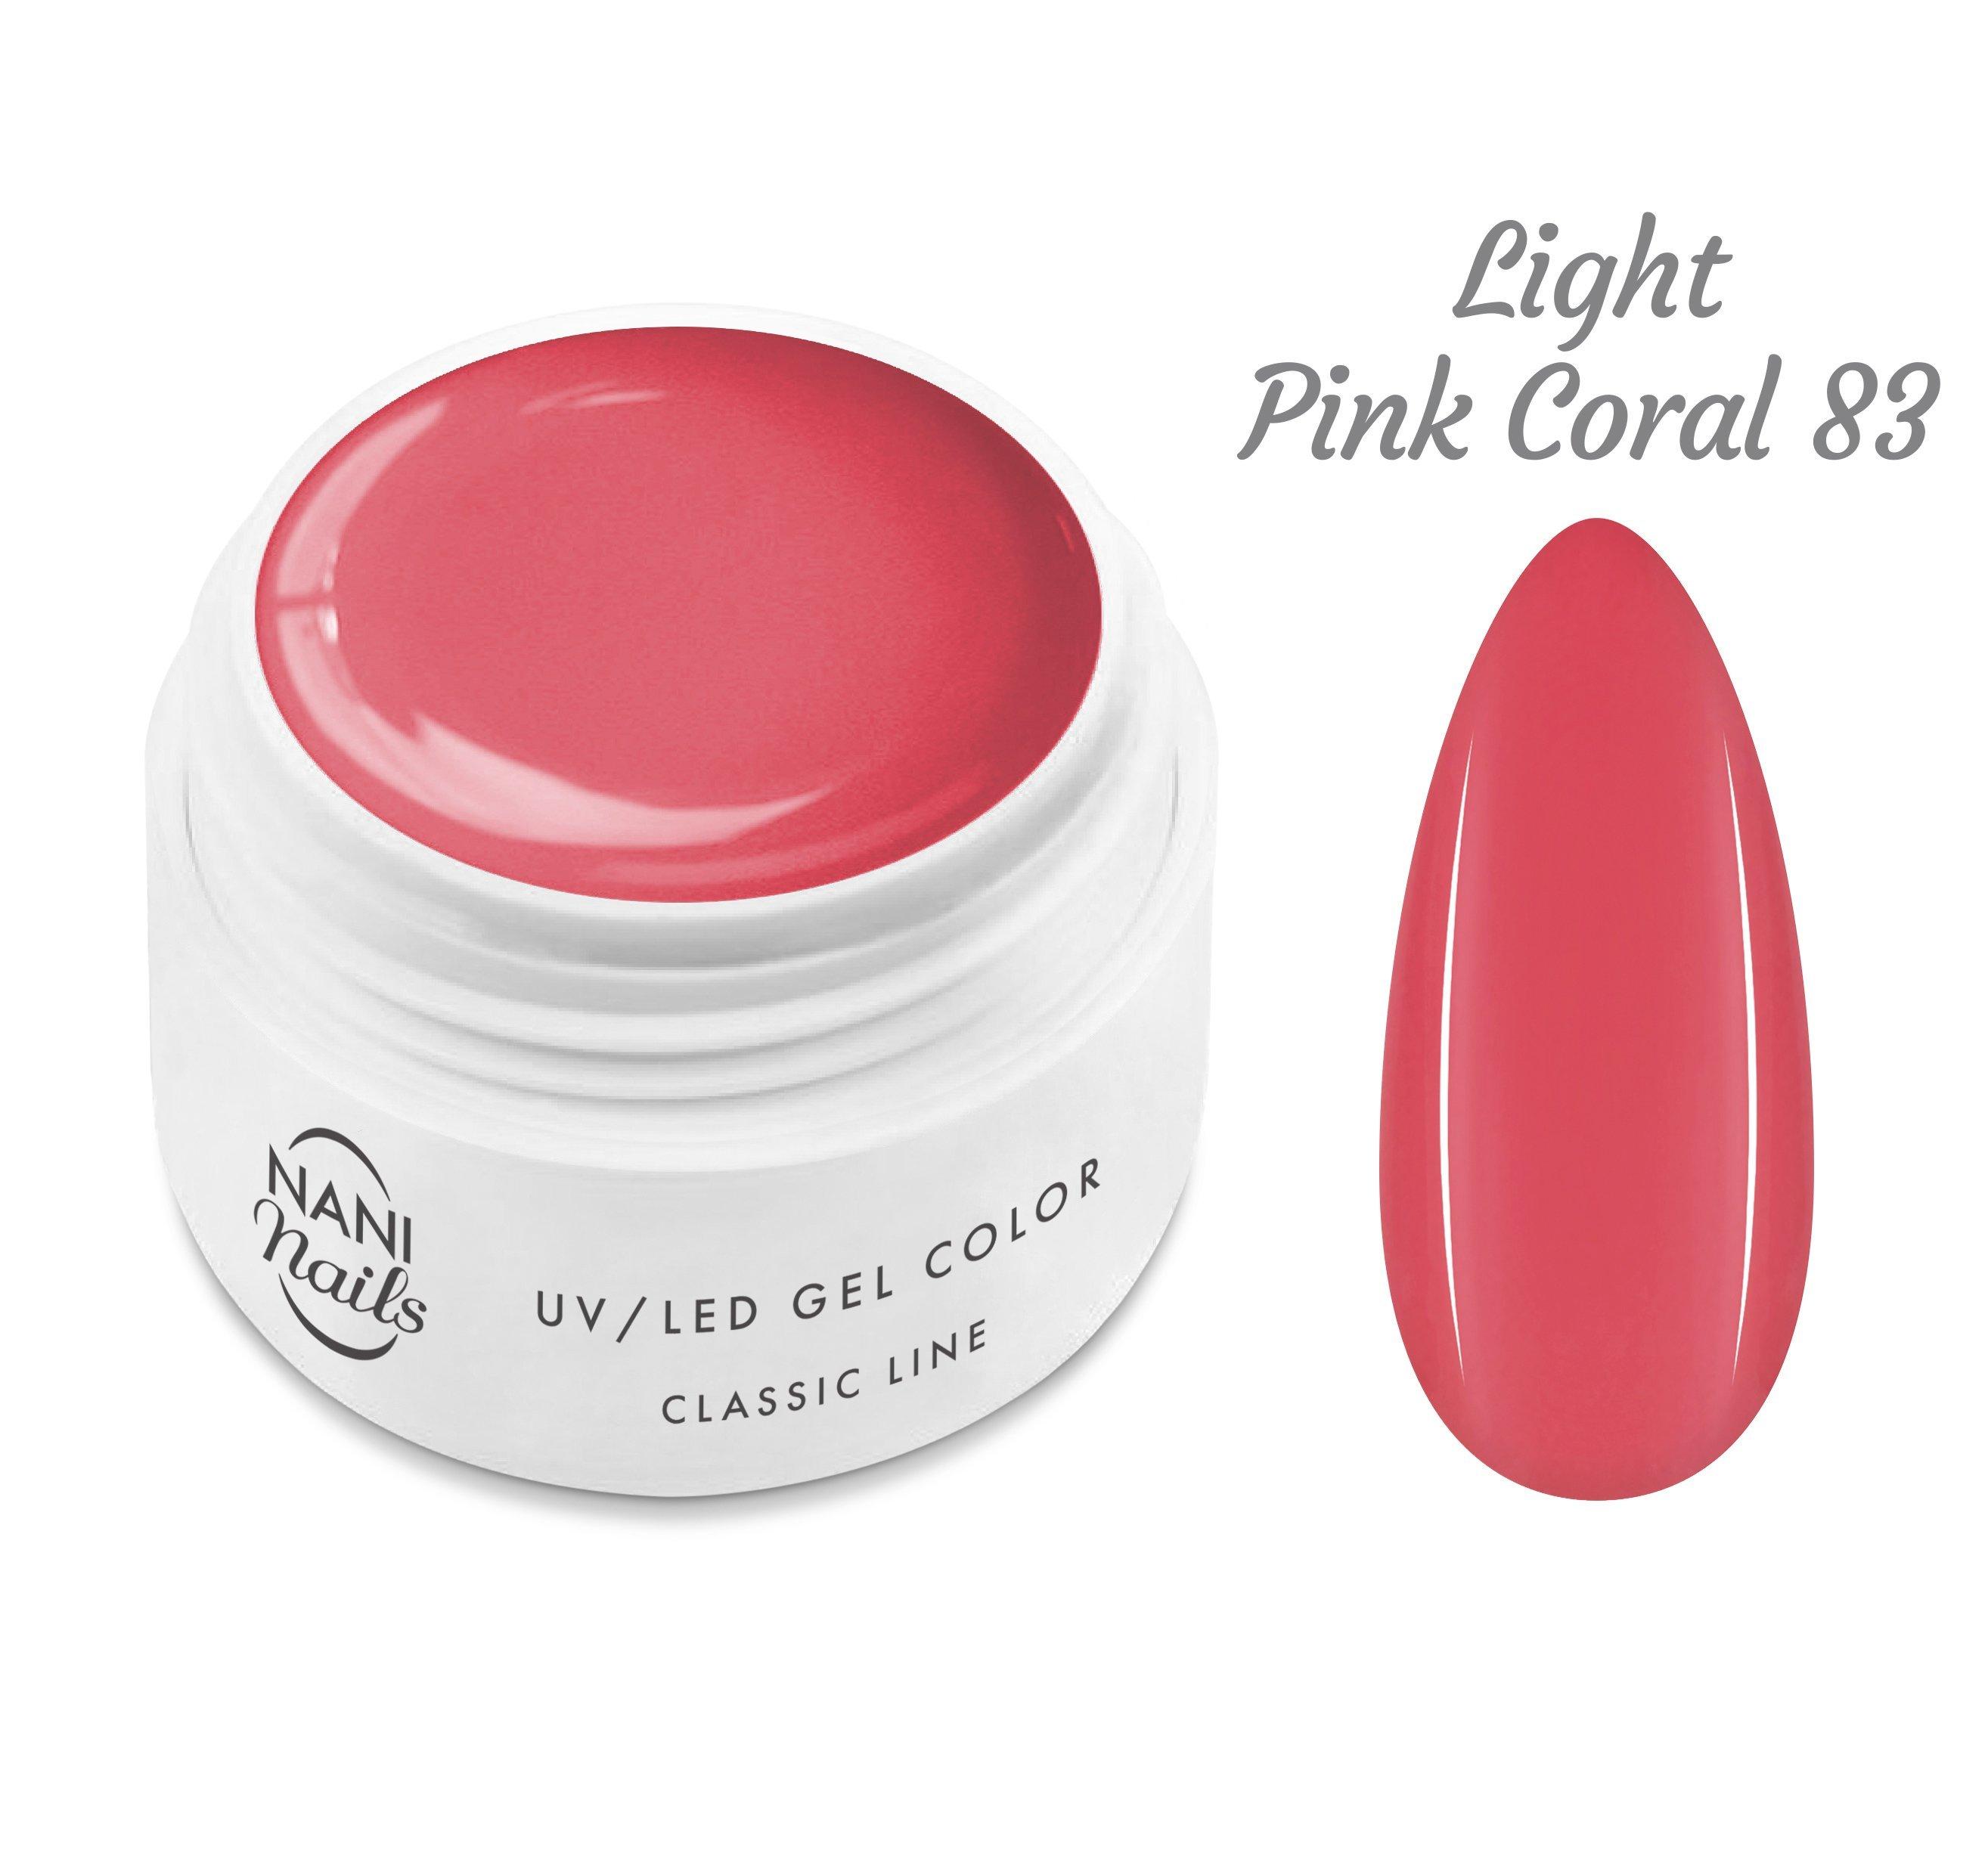 NANI UV gél Classic Line 5 ml - Light Pink Coral